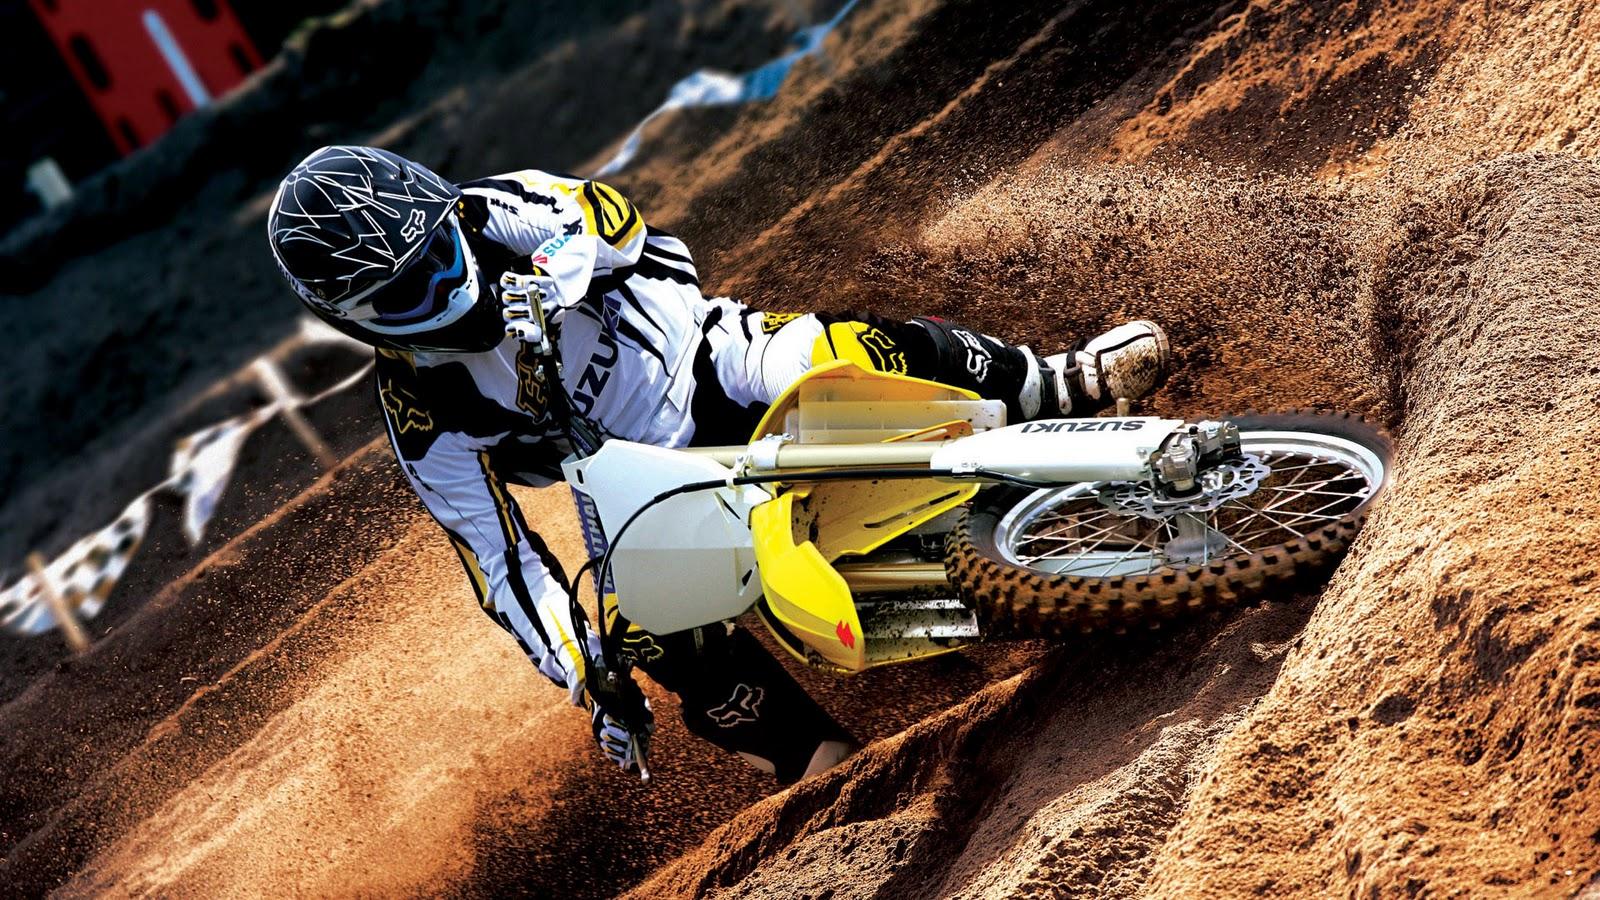 http://2.bp.blogspot.com/-Gpt9Ug60al0/TpRBC5KwZ0I/AAAAAAAAAl0/oAADZGyCcO0/s1600/motorcrosshdwallpaper002.jpg